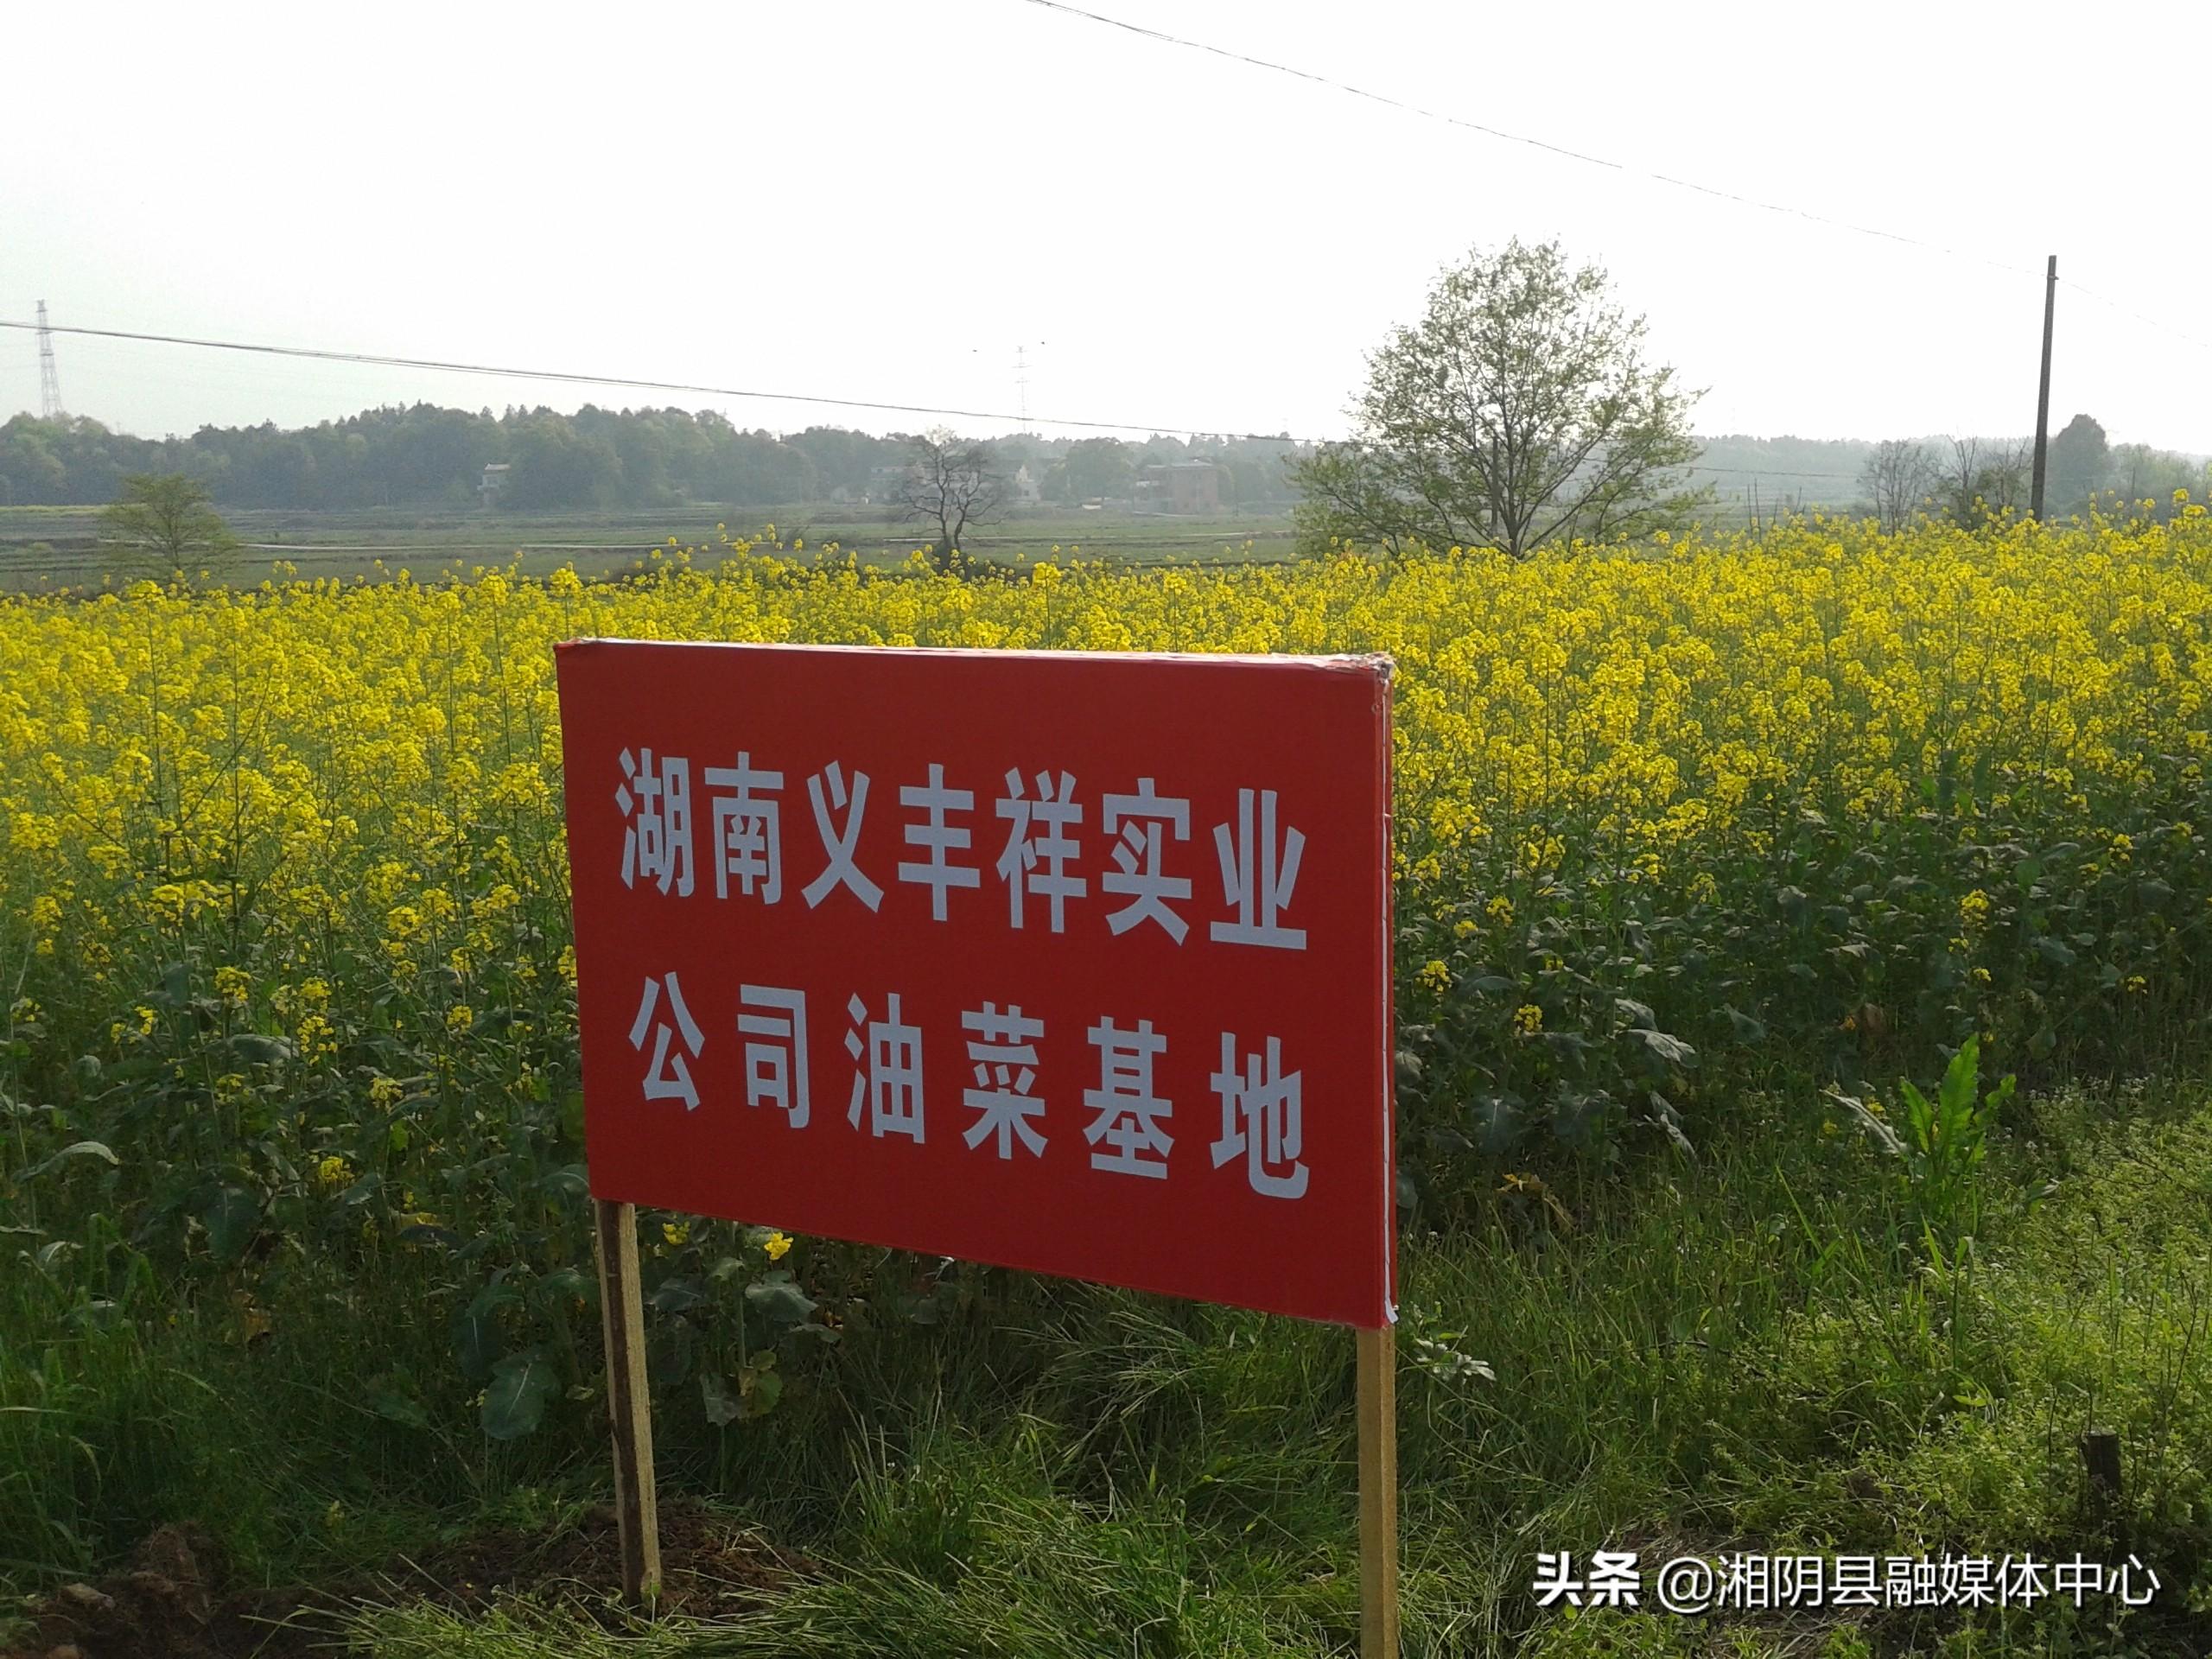 义丰祥油菜订单助力移民区产业发展